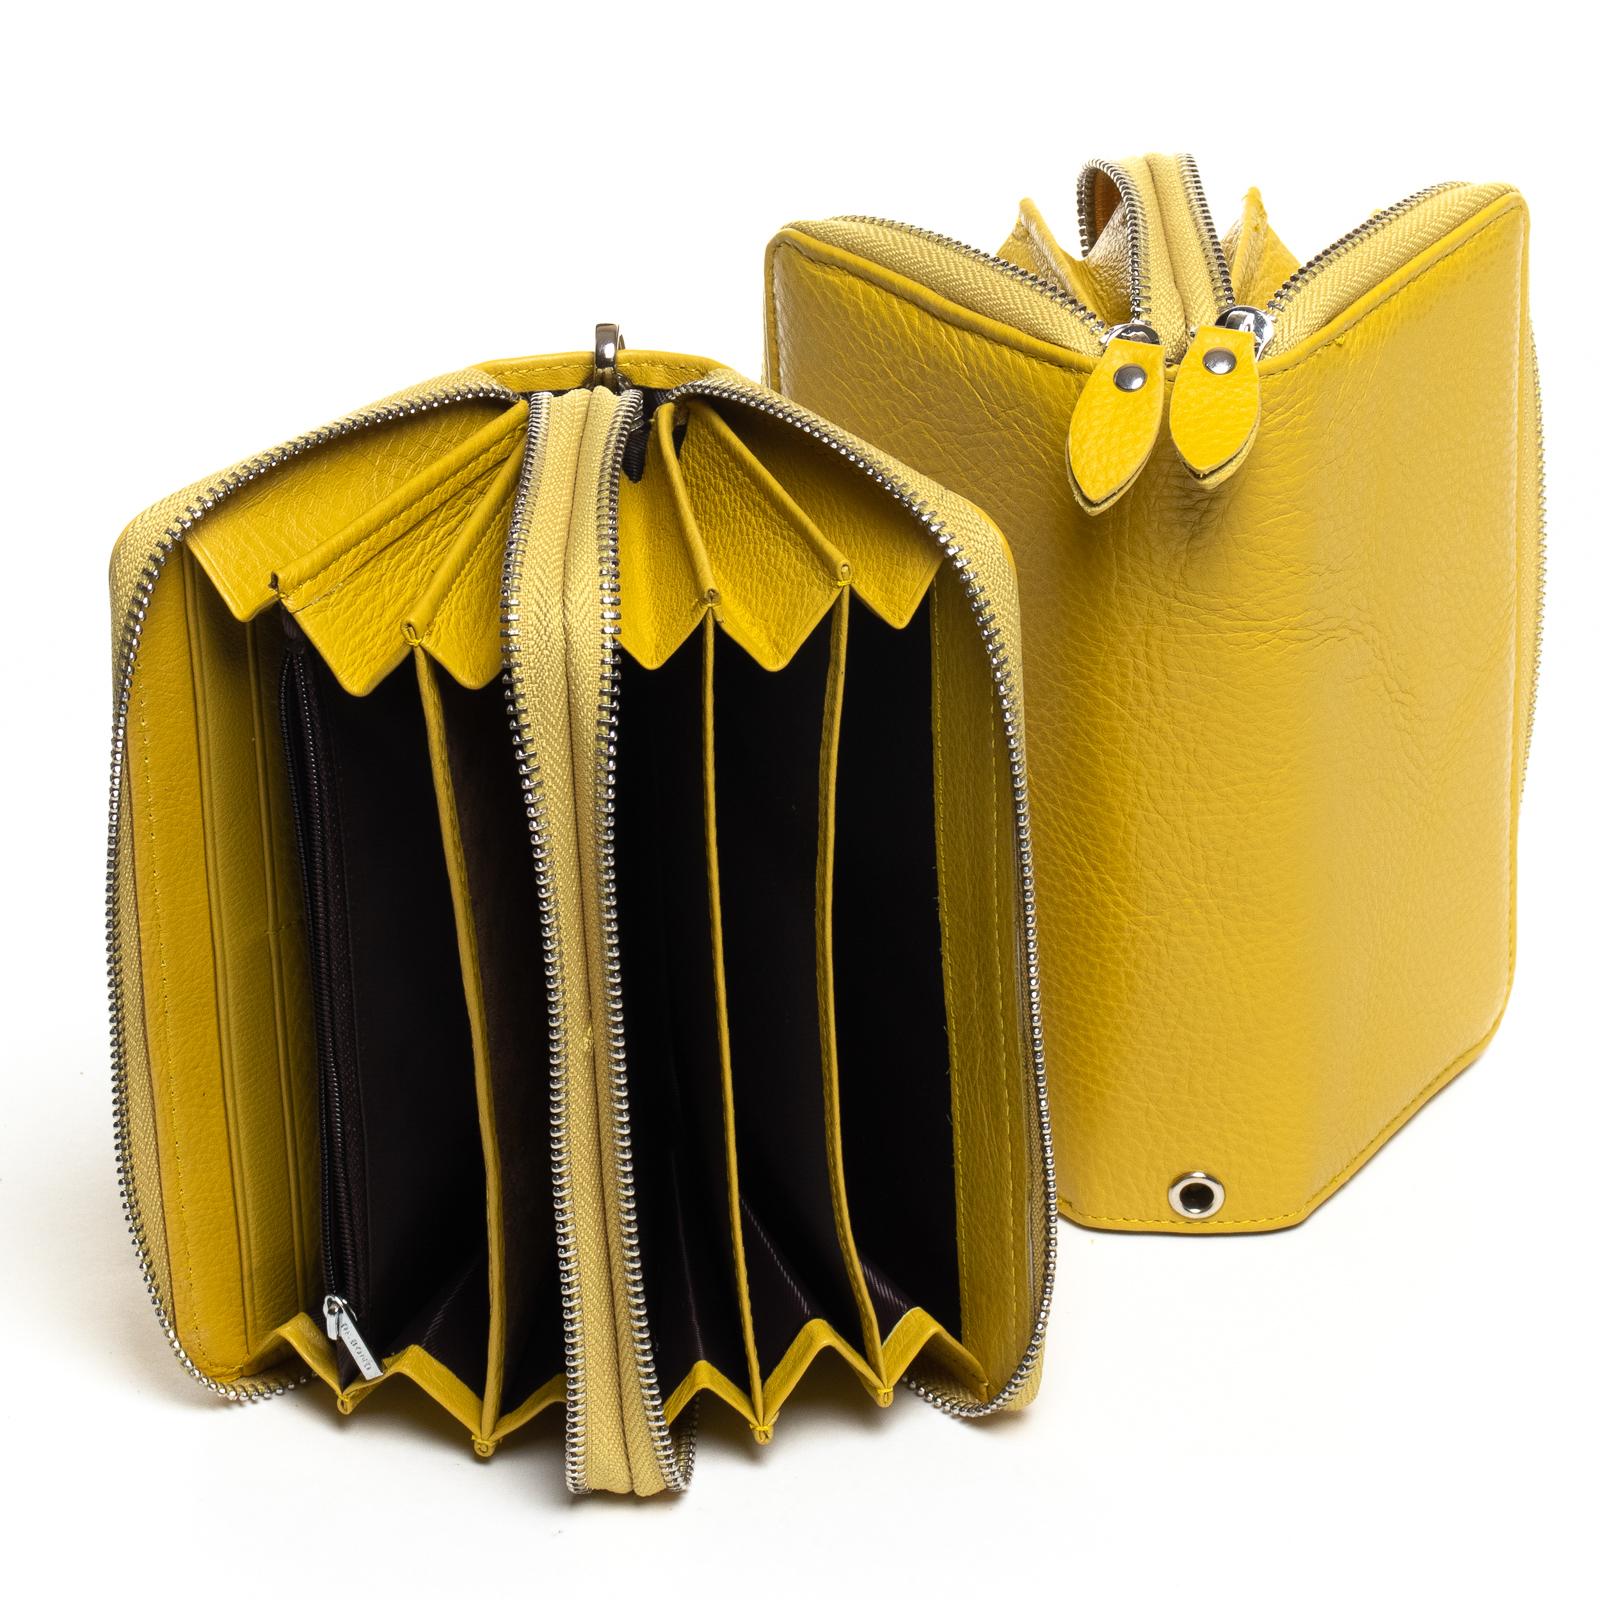 Кошелек Classic кожа DR. BOND W39-3 yellow - фото 4